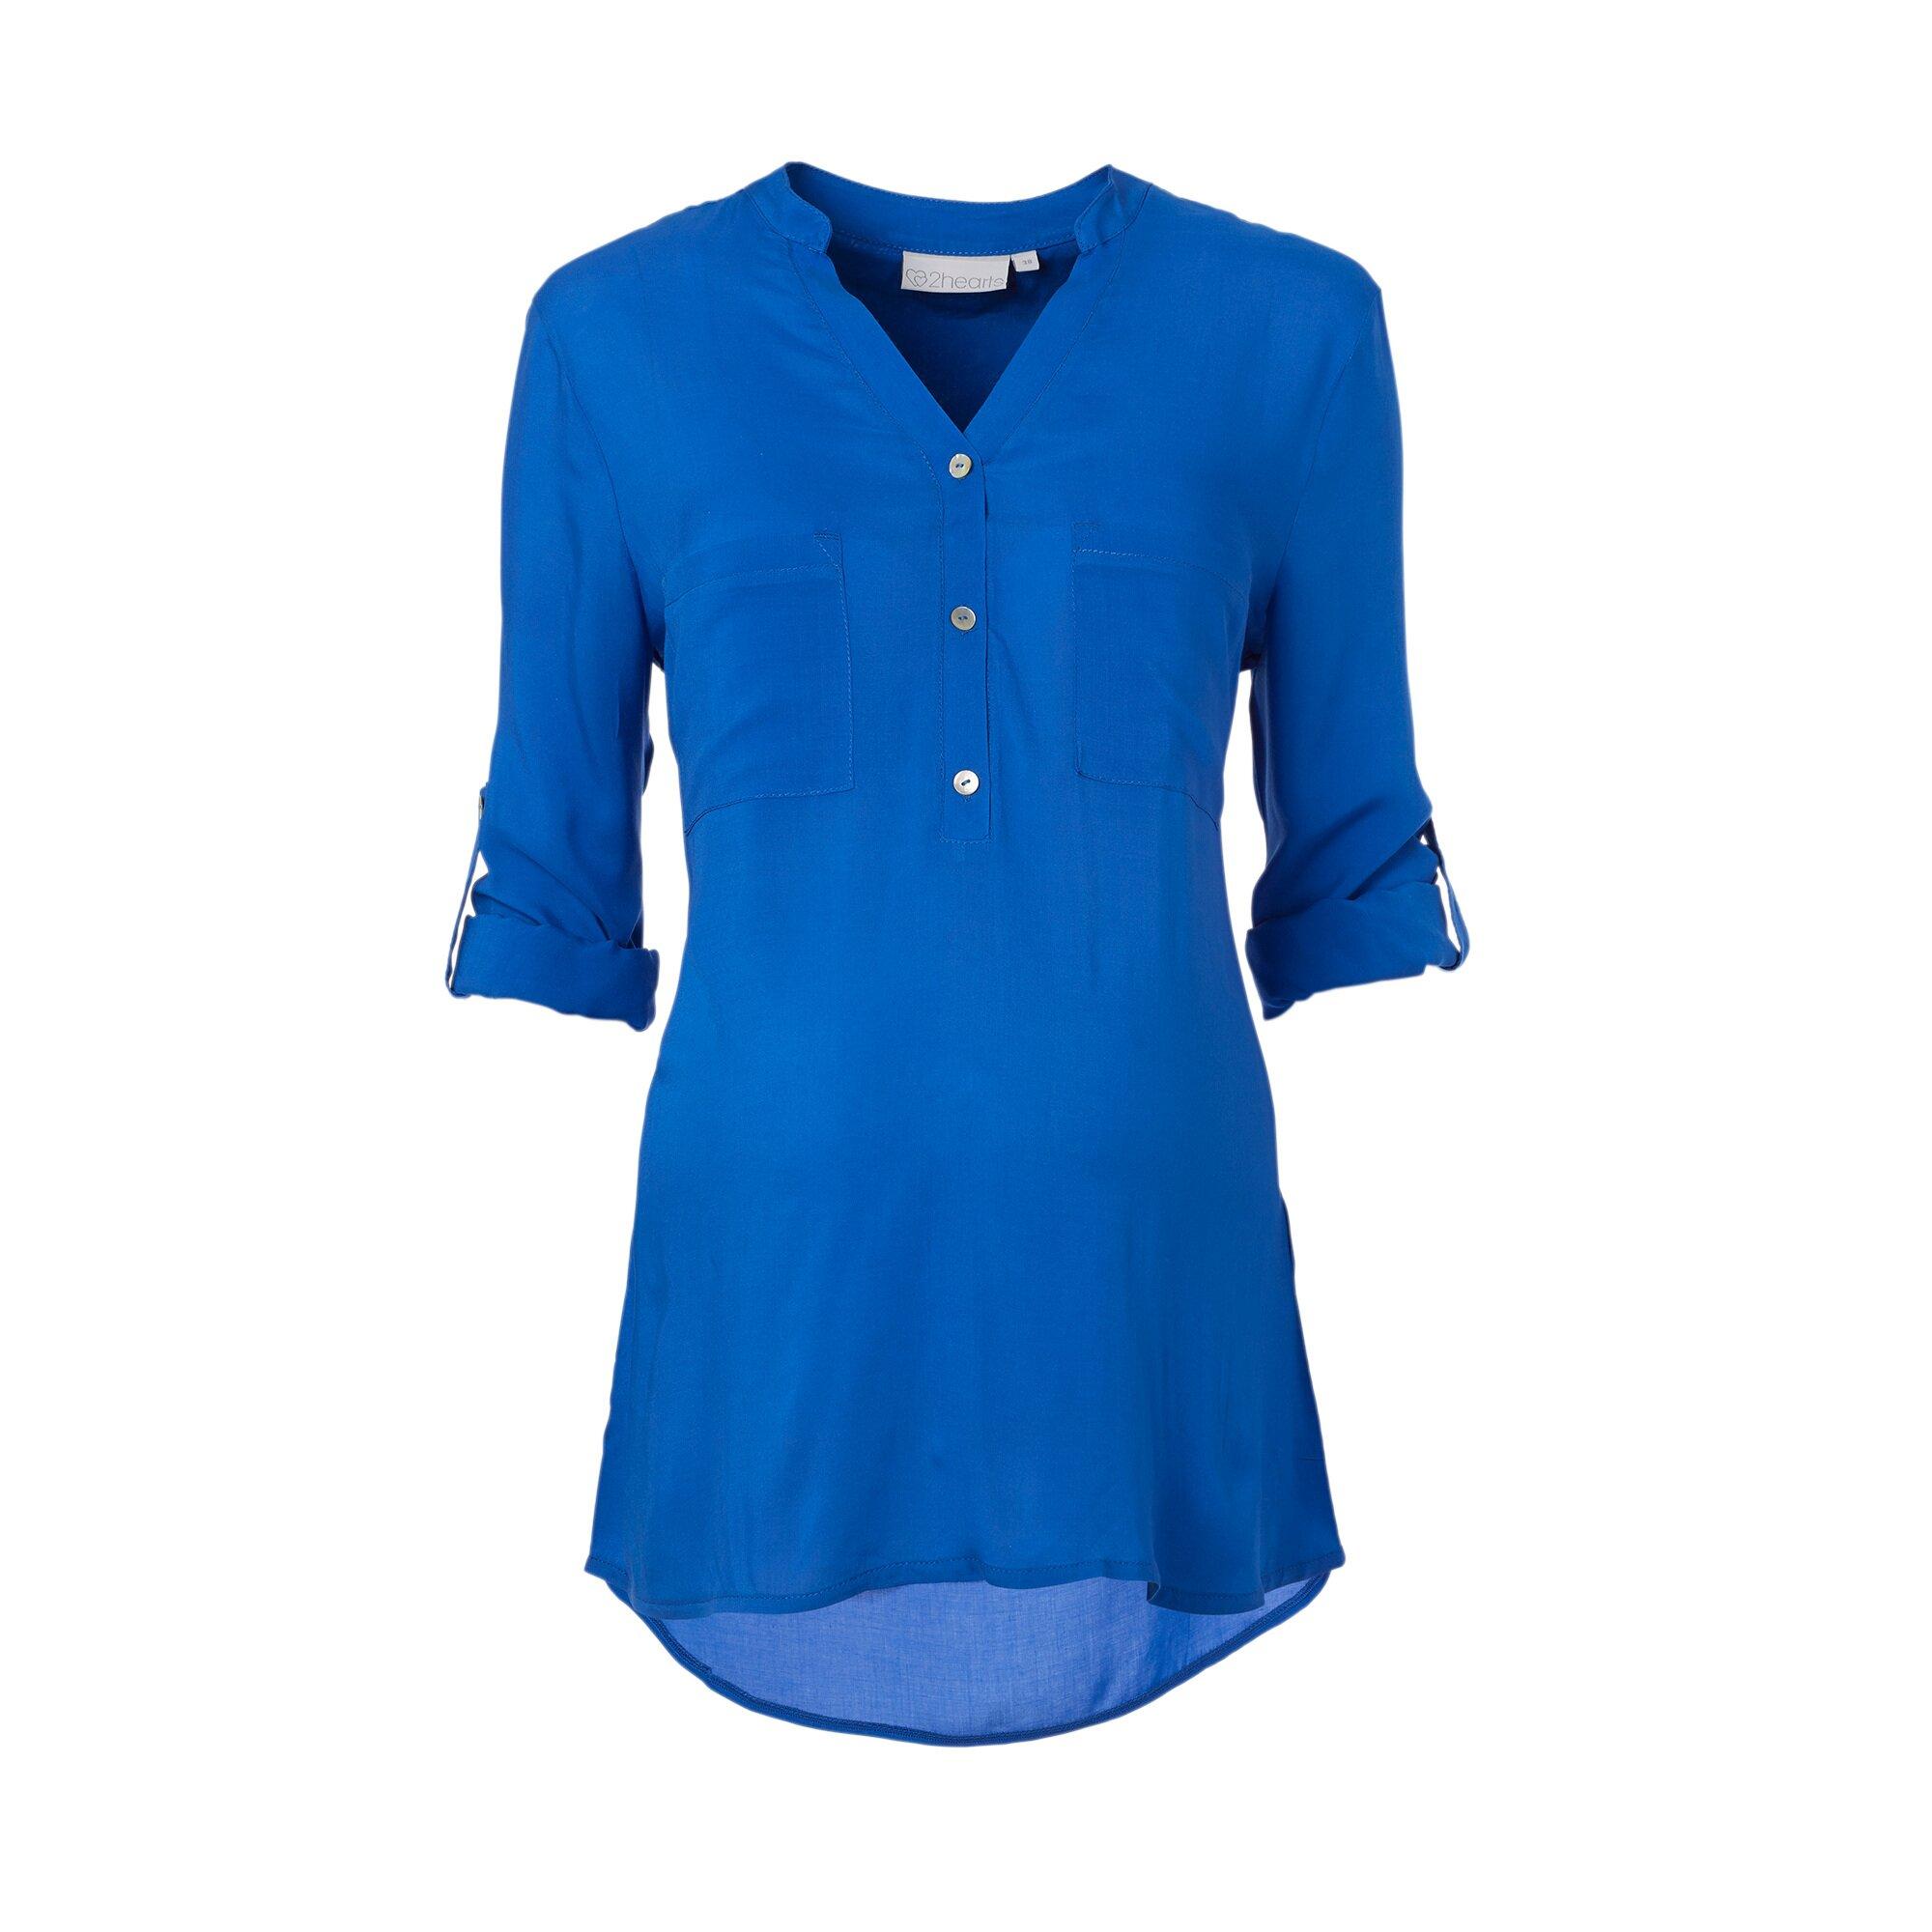 2hearts-umstands-und-still-bluse-langarm-ocean-blau-36-38-40-42-44-46